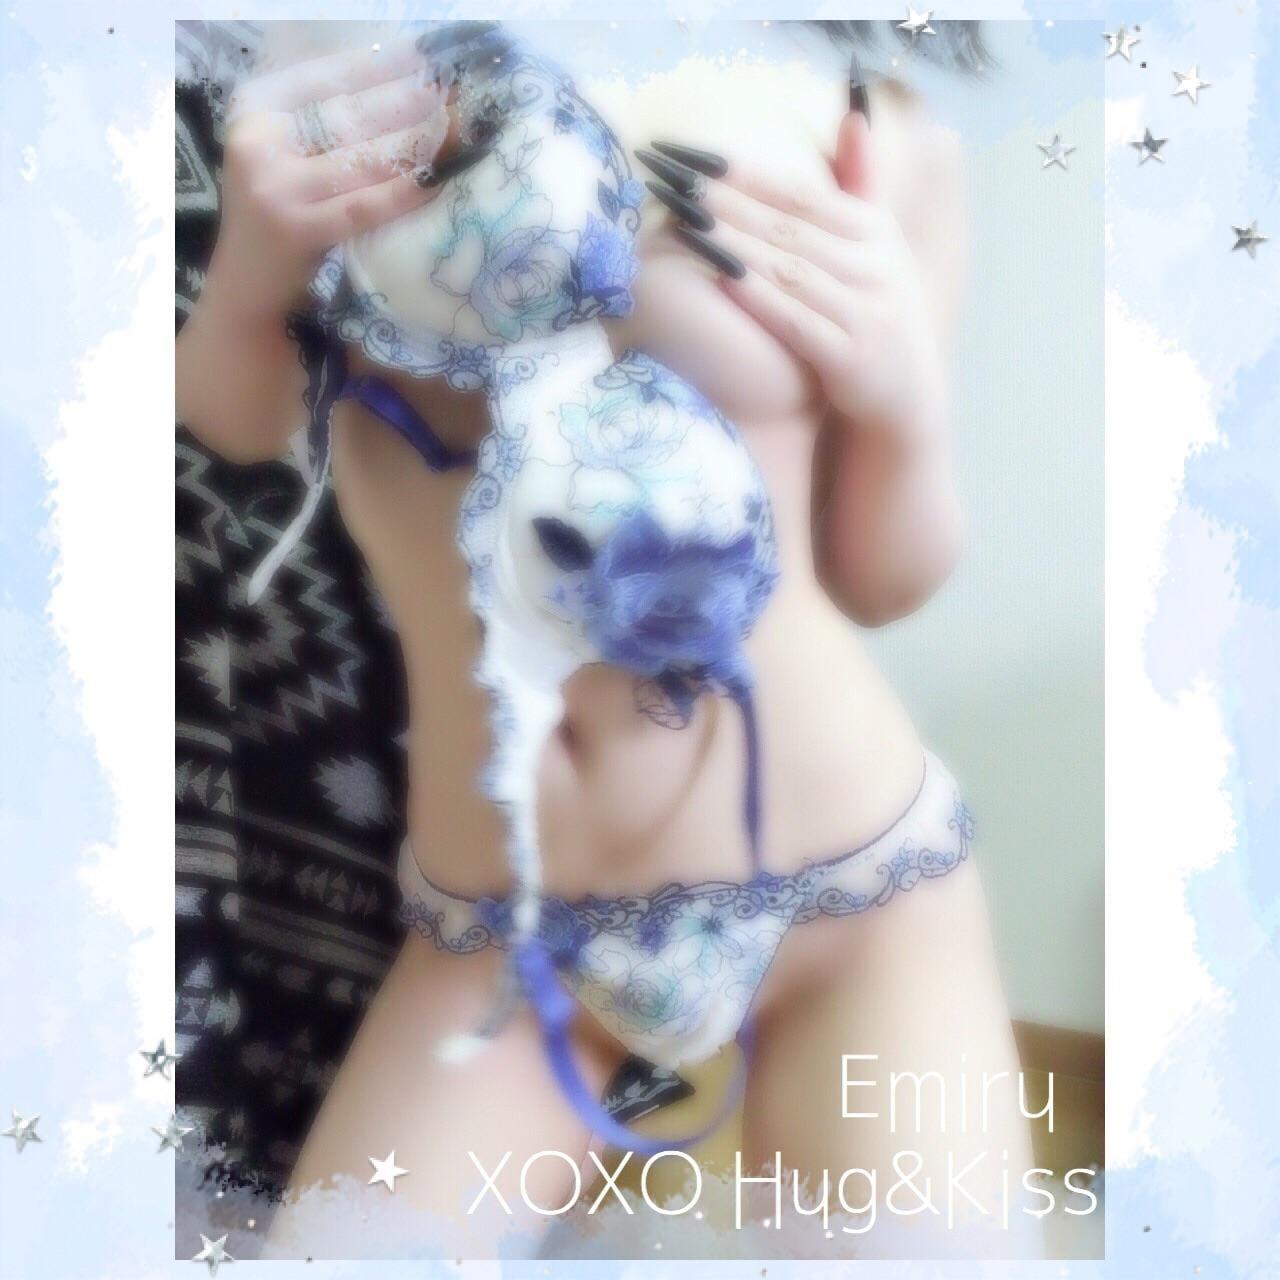 「えみゅ( ?????? )」07/06(金) 11:37 | Emiru エミルの写メ・風俗動画